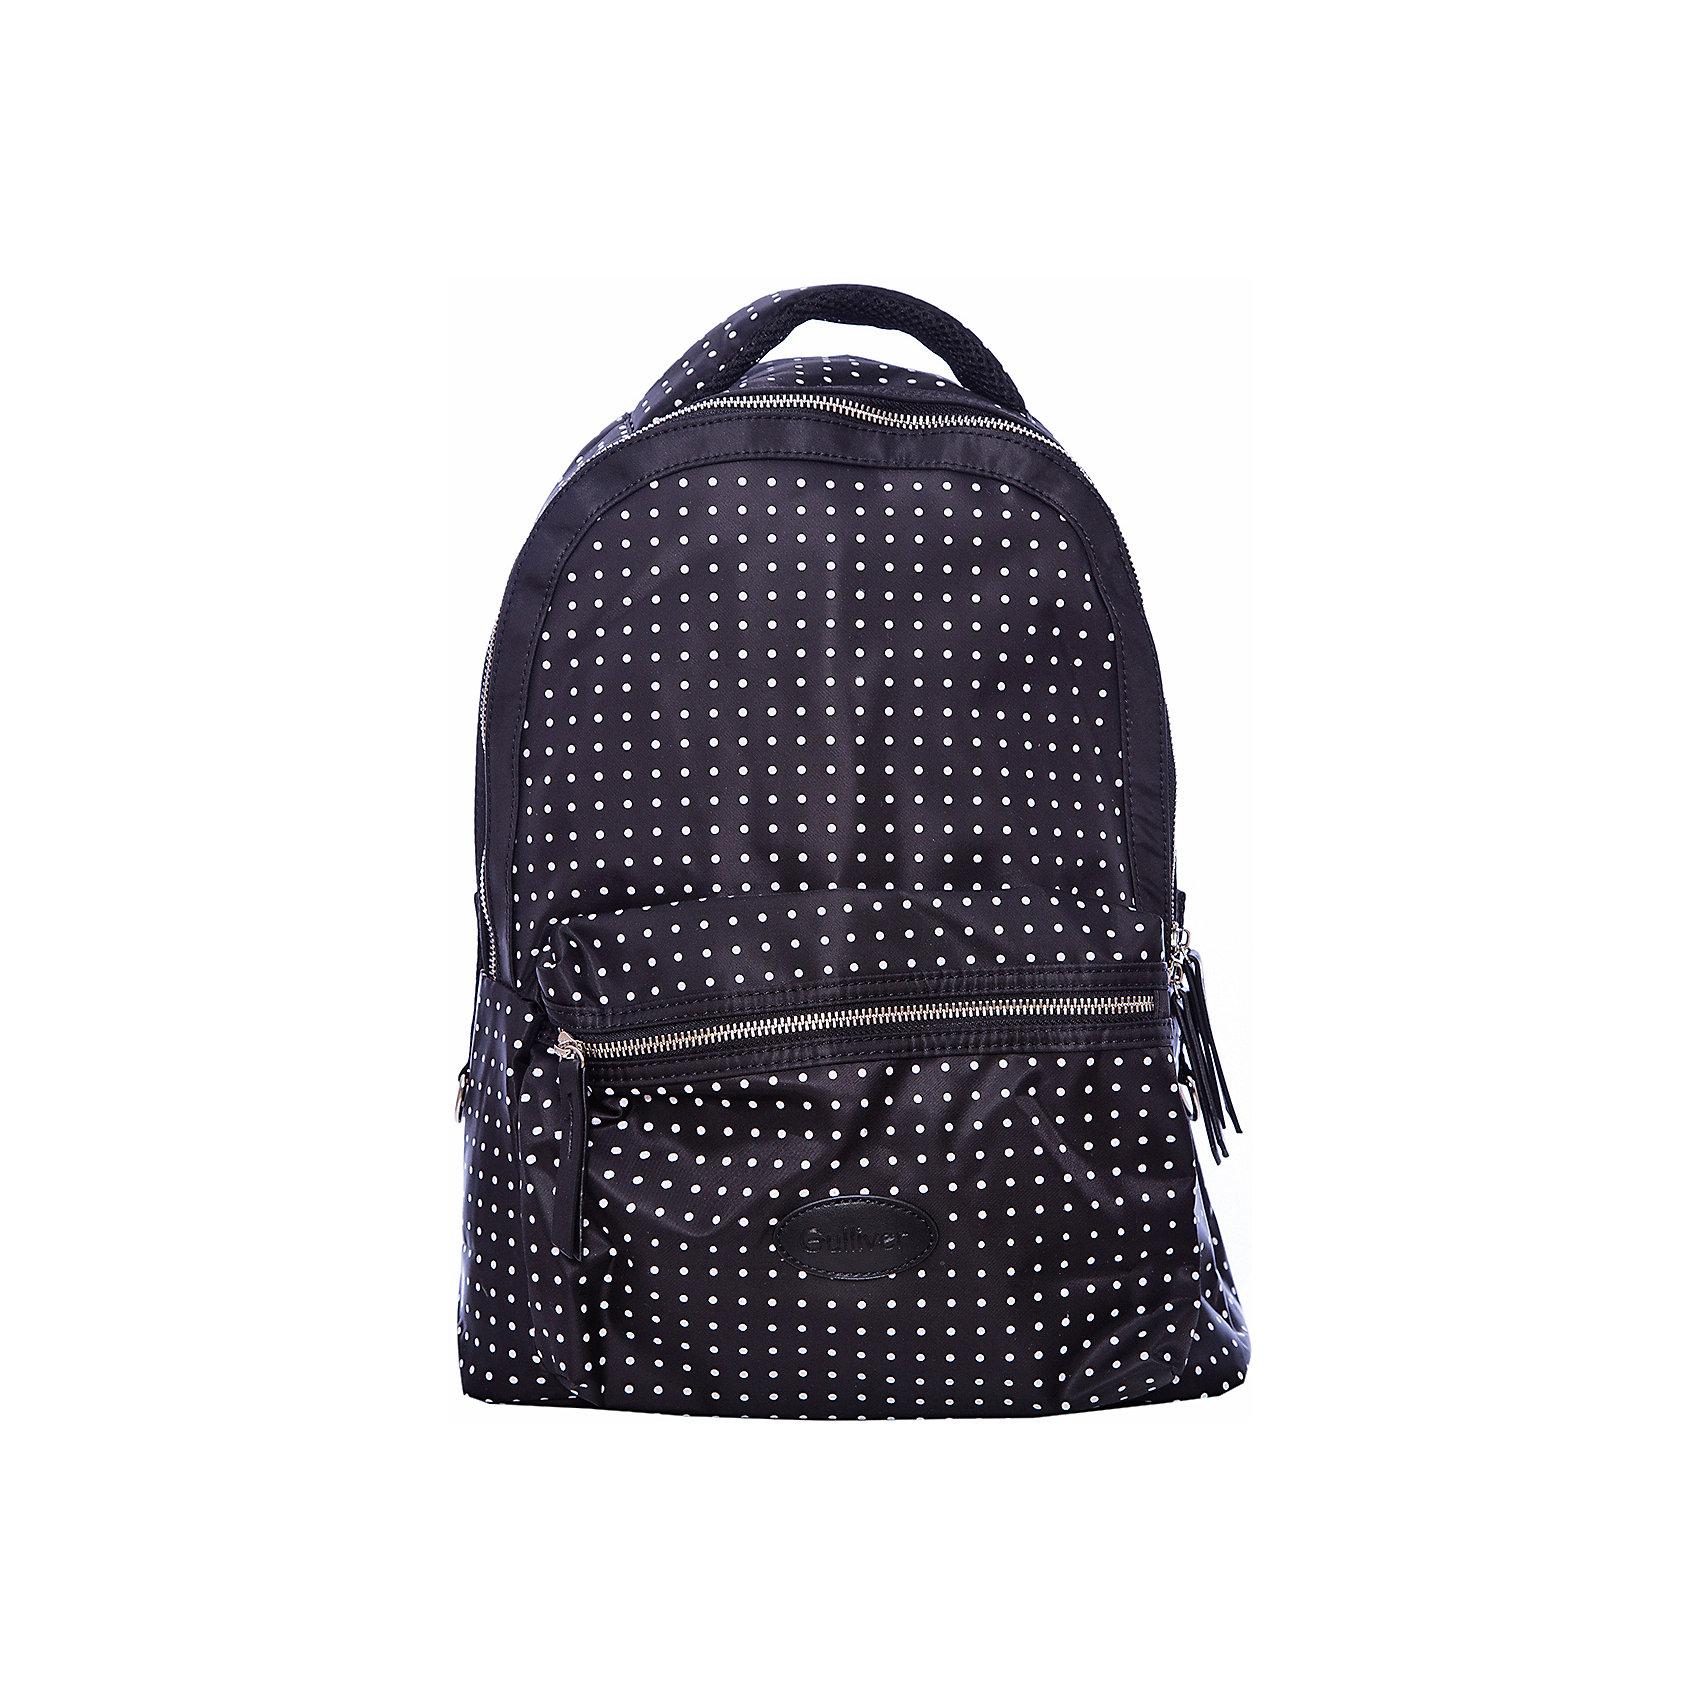 Рюкзак GulliverСумки и рюкзаки<br>Характеристики товара:<br><br>• цвет: черный;<br>• материал: текстиль;<br>• застежка: молния;<br>• особенности: школьный, повседневный, в горох;<br>• эргономическая спинка;<br>• воздухопроницаемая ткань на спинке;<br>• внешний карман на молнии;<br>• страна бренда: Россия;<br>• страна производства: Китай.<br><br>Школьный рюкзак на молнии для девочки. Черный рюкзак в белый горошек с эргономической спинкой и внешним карманам на молнии. Молодежный рюкзак подходит как для школы, так и для повседневной носки.<br><br>Рюкзак Gulliver (Гулливер) можно купить в нашем интернет-магазине.<br><br>Ширина мм: 227<br>Глубина мм: 11<br>Высота мм: 226<br>Вес г: 350<br>Цвет: черный<br>Возраст от месяцев: 84<br>Возраст до месяцев: 192<br>Пол: Унисекс<br>Возраст: Детский<br>Размер: one size<br>SKU: 6679028